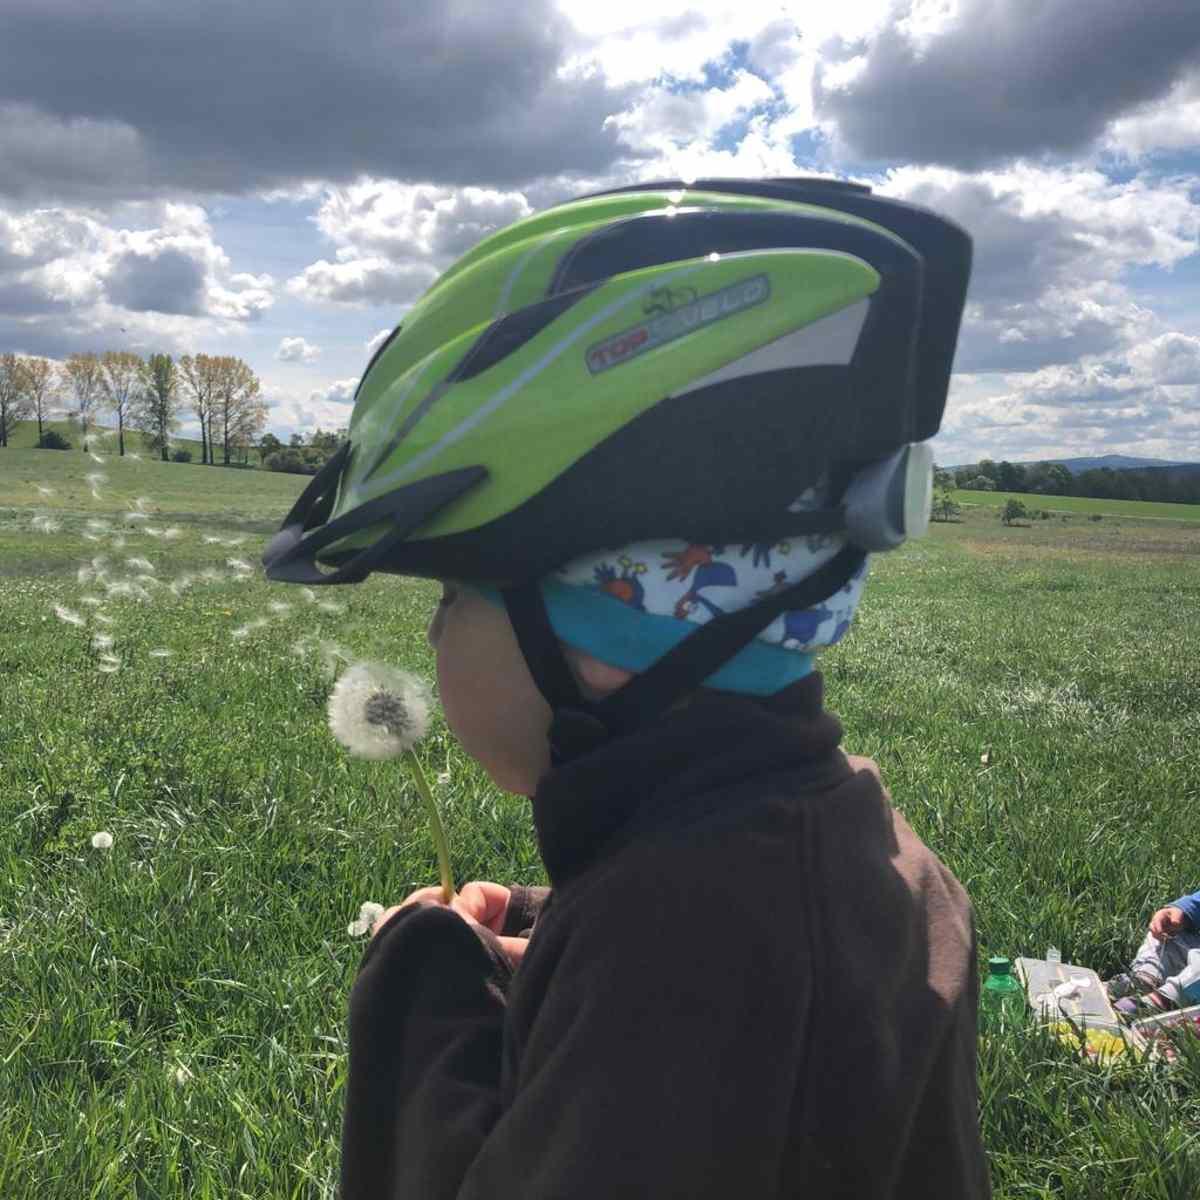 Tagebuchbloggen – WMDEDGT 05 2019 – Fahrradausflug und Schwindel